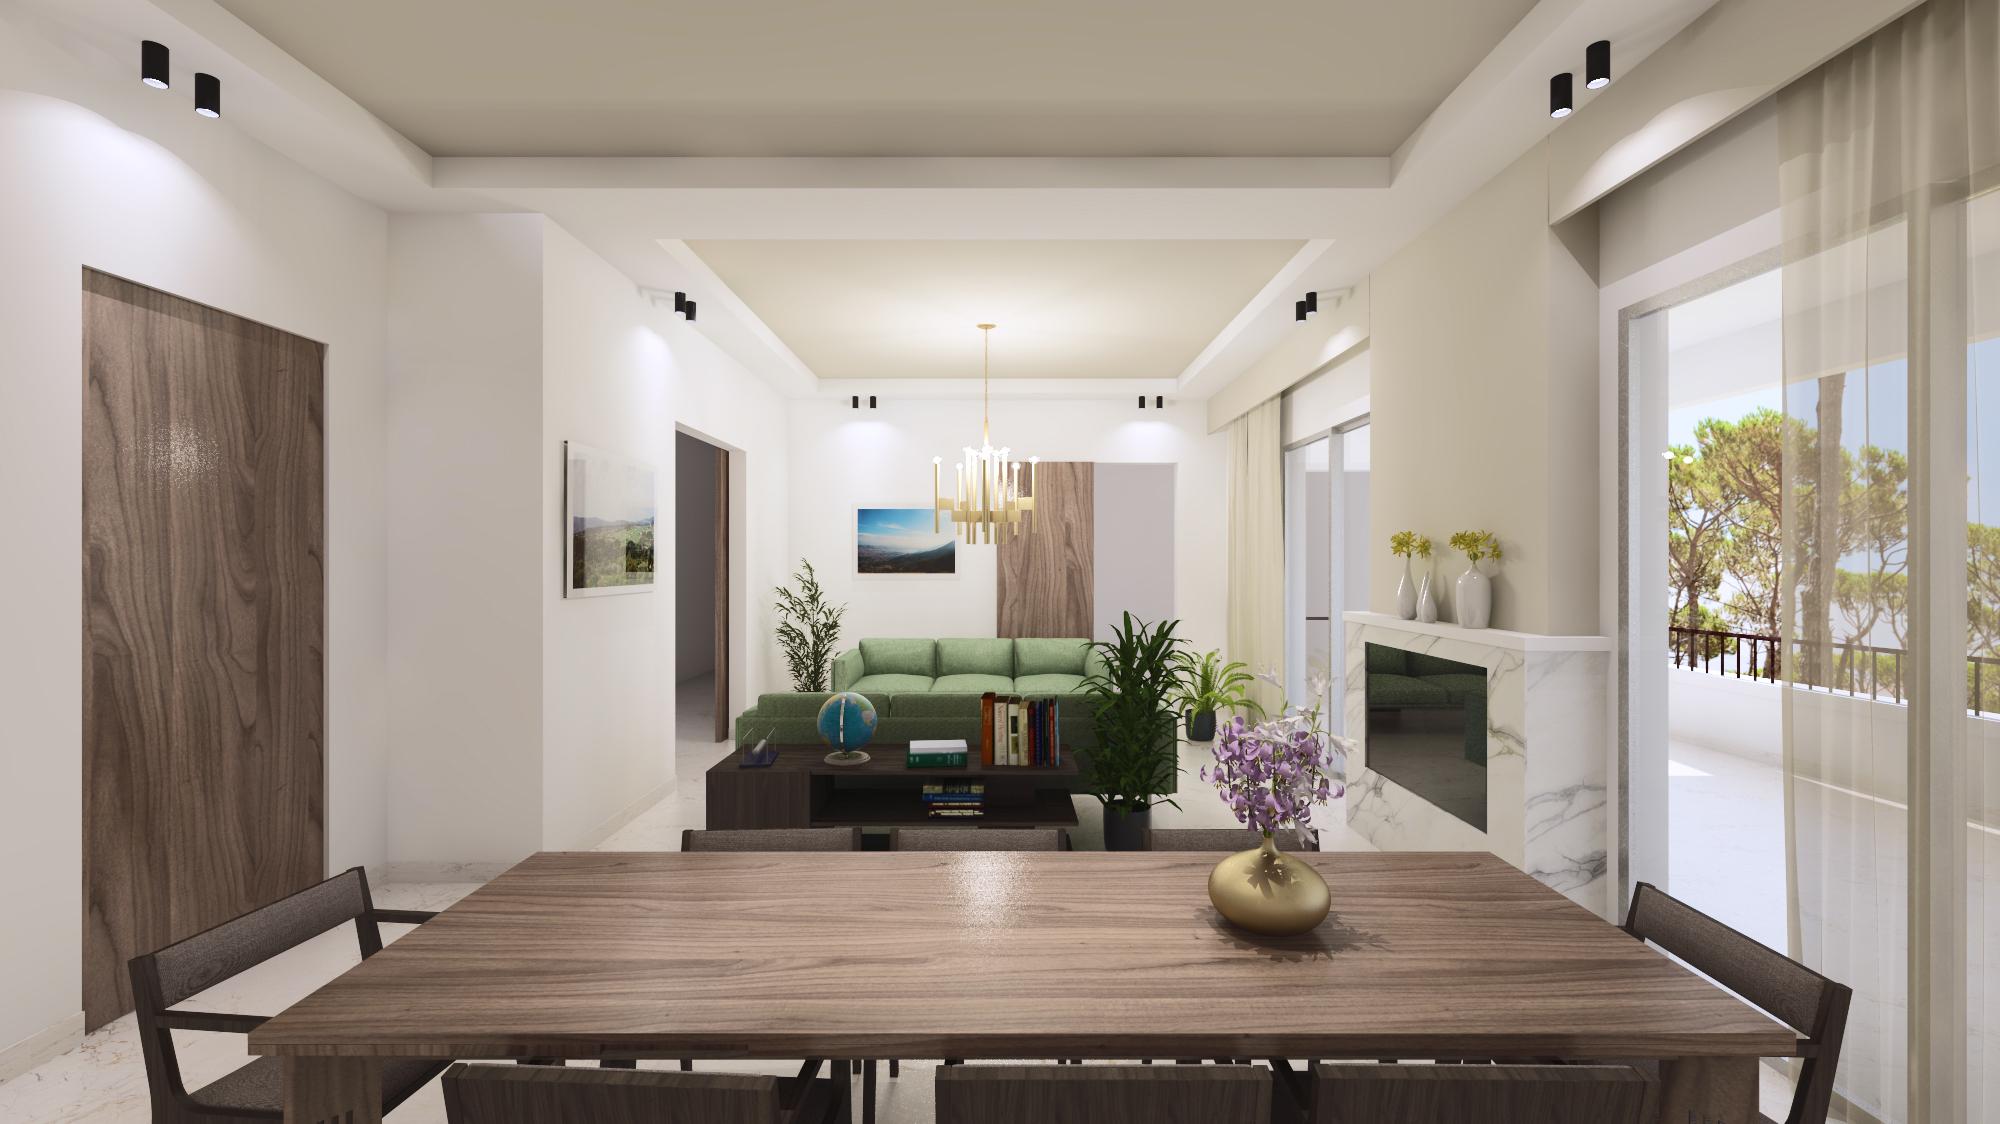 Living room render 05 final.jpg